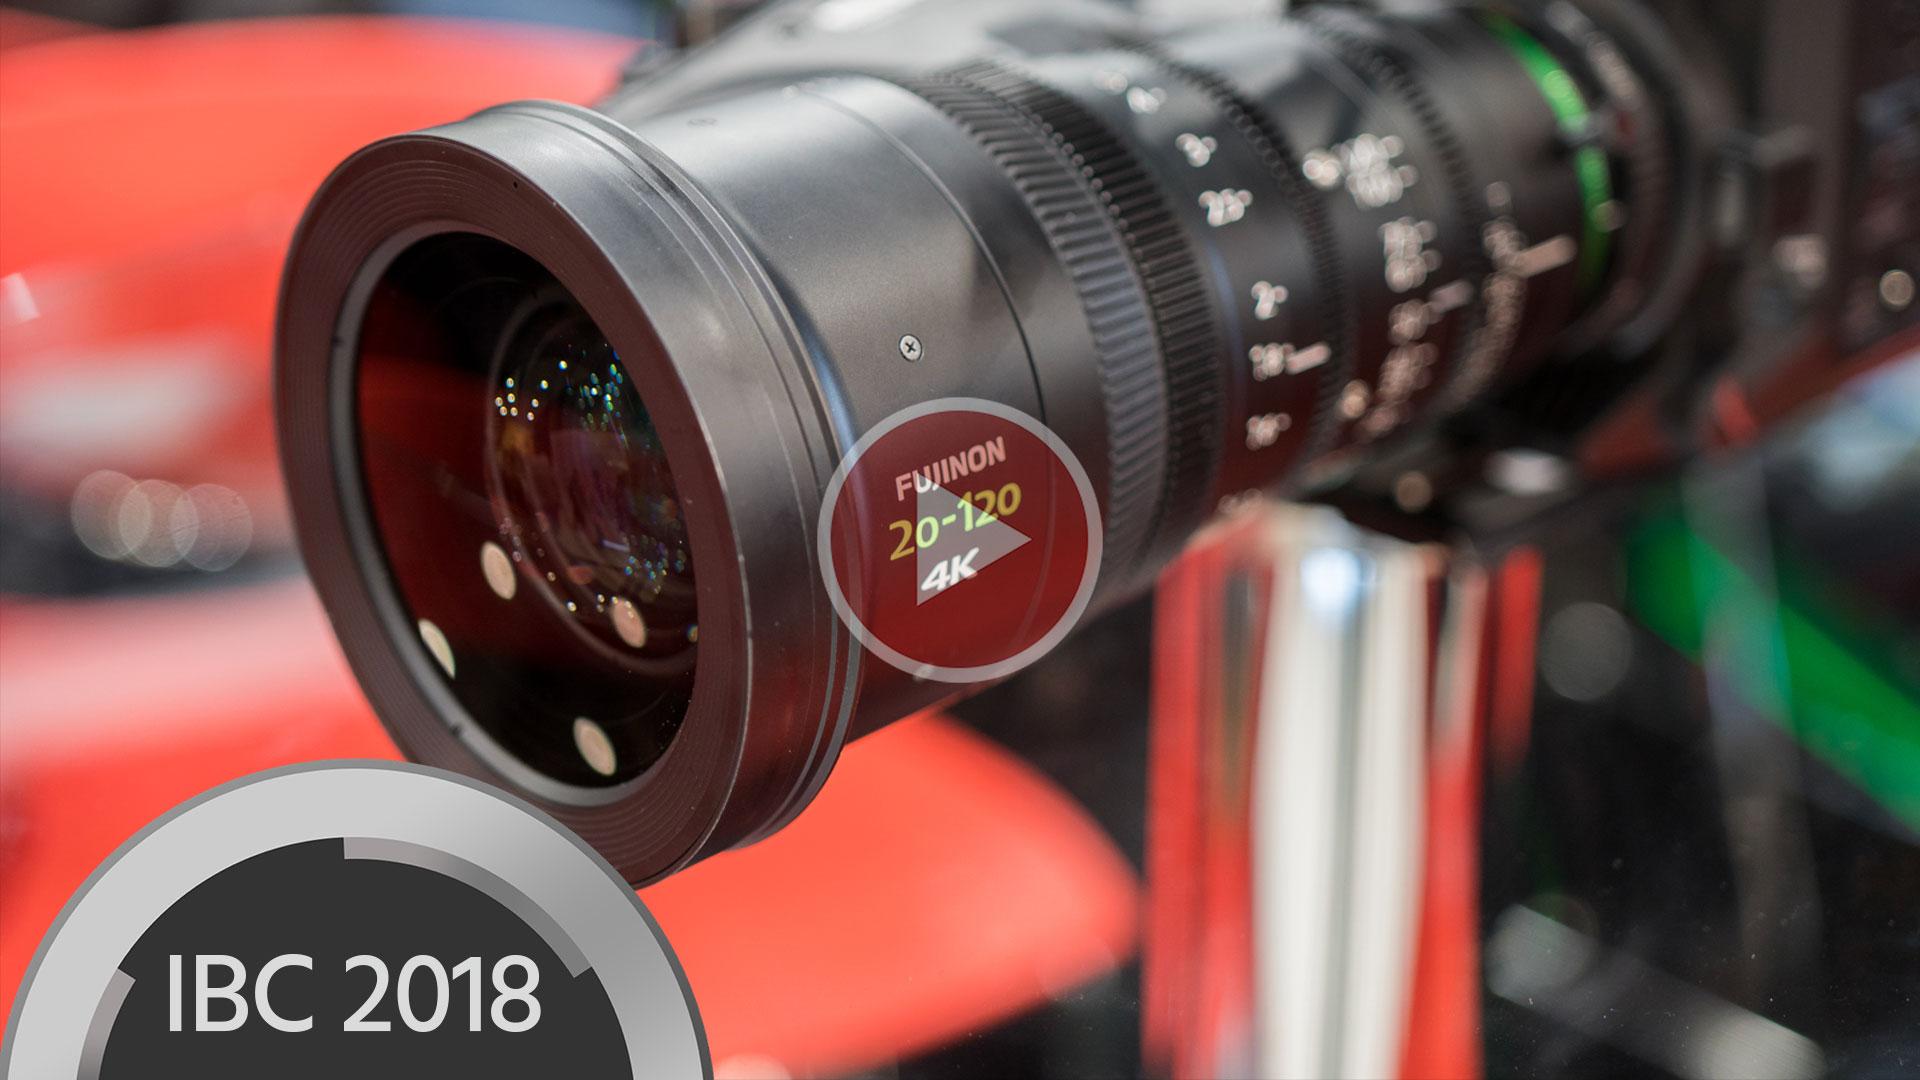 フジノンXK20-120mmPLサーボモーターレスバージョンを追加